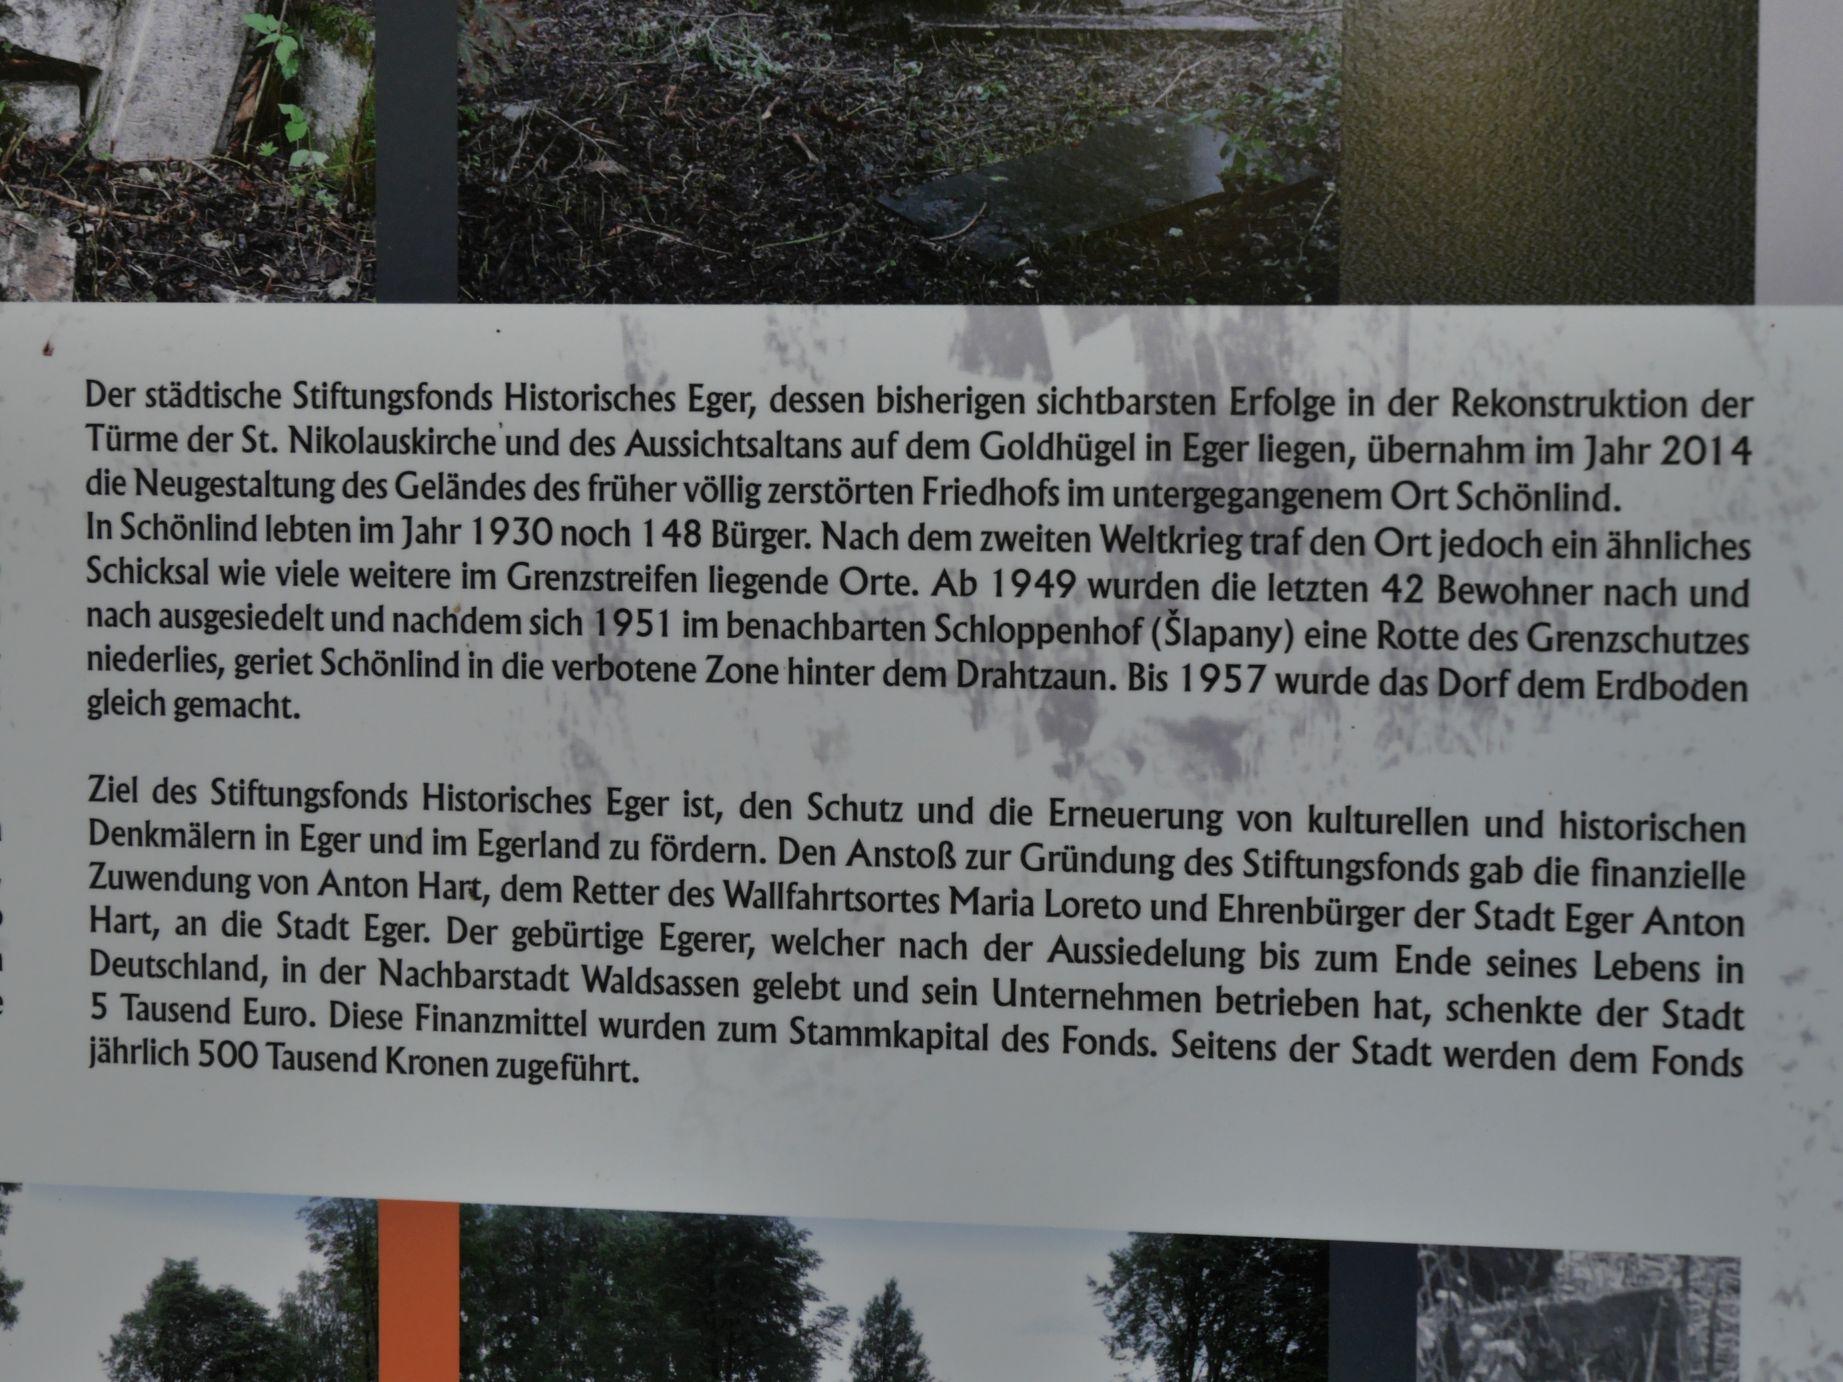 Gute Informationen von tschechischer Seite über unsere gemeinsame Geschichte.